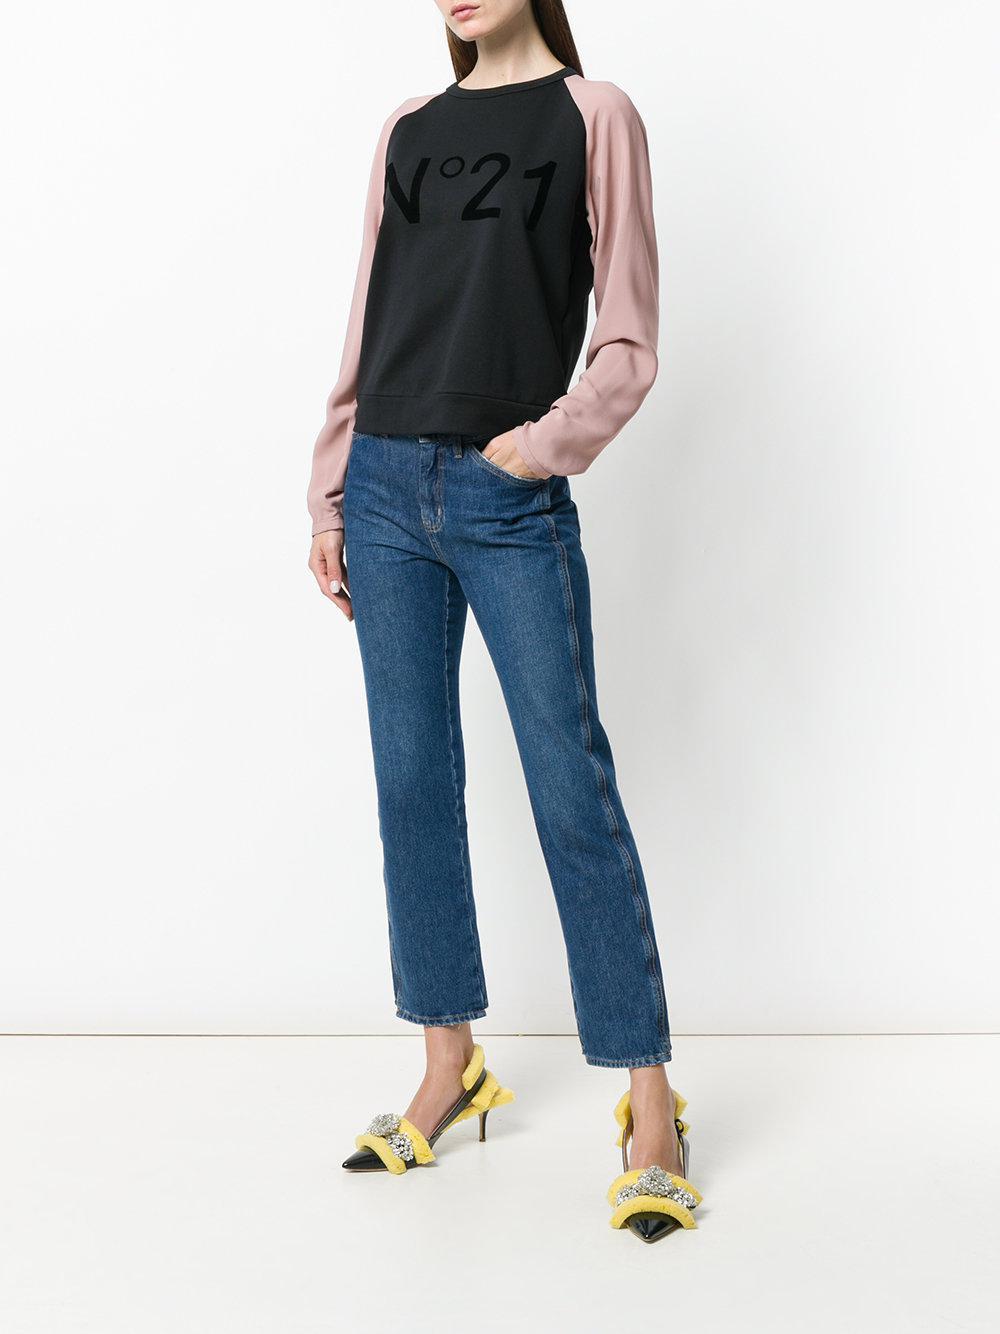 N°21 Cotton Branded Raglan Sweatshirt in Black